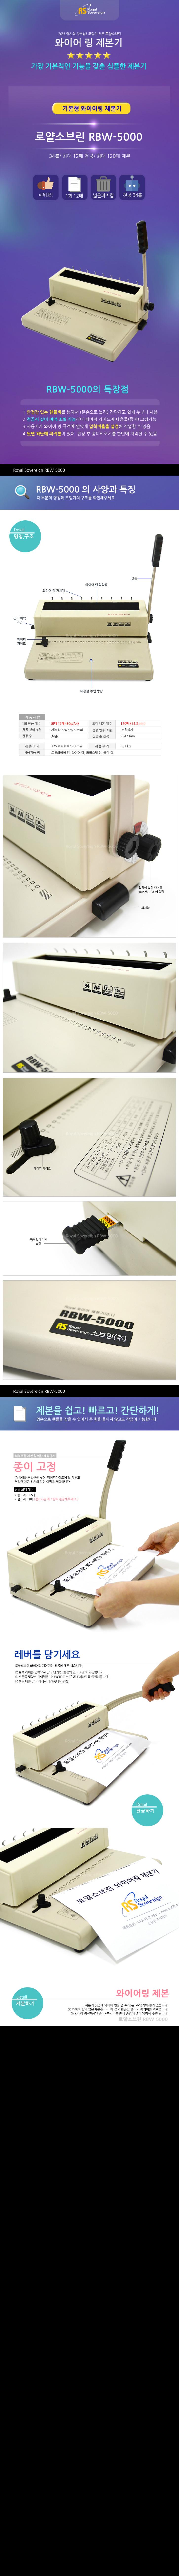 RBW-5000-1.jpg